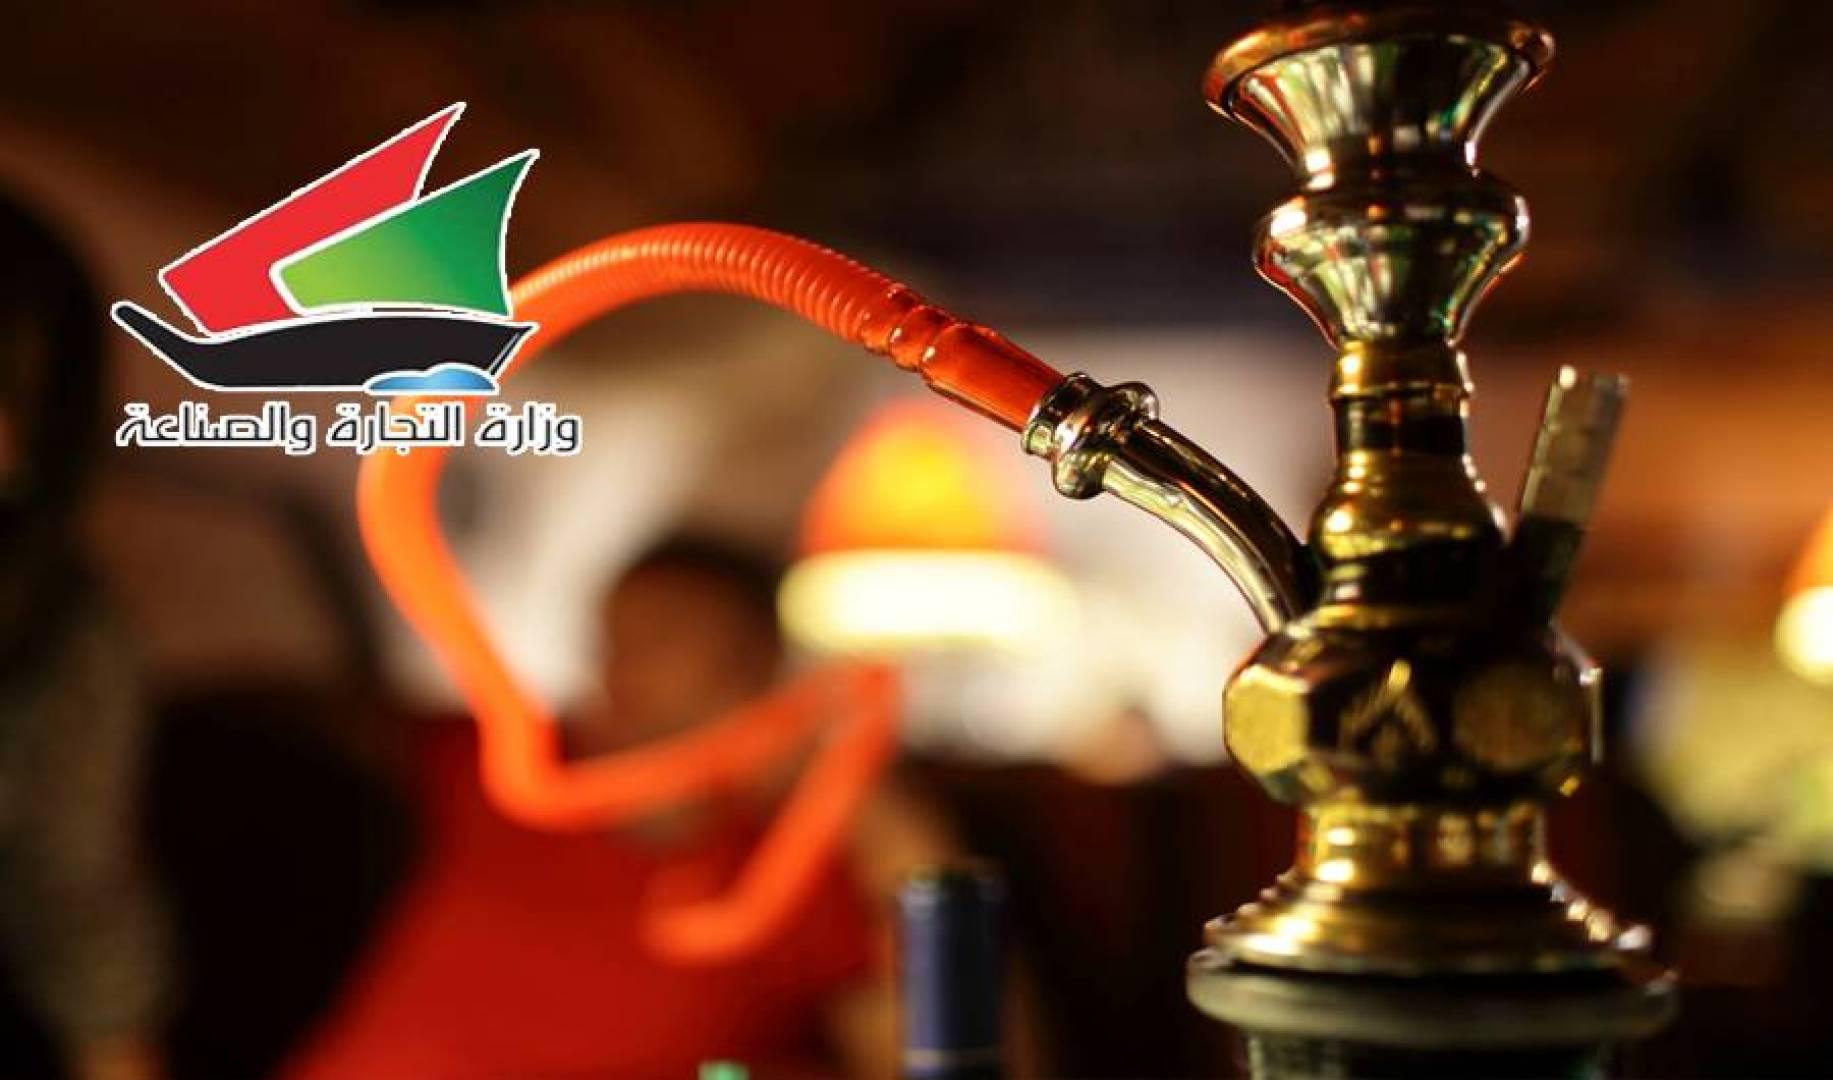 «التجارة»: إلغاء تراخيص 9 مقاهٍ تقدم الشيشة وصالون نسائي.. وترحيل العمالة المقيدة عليها